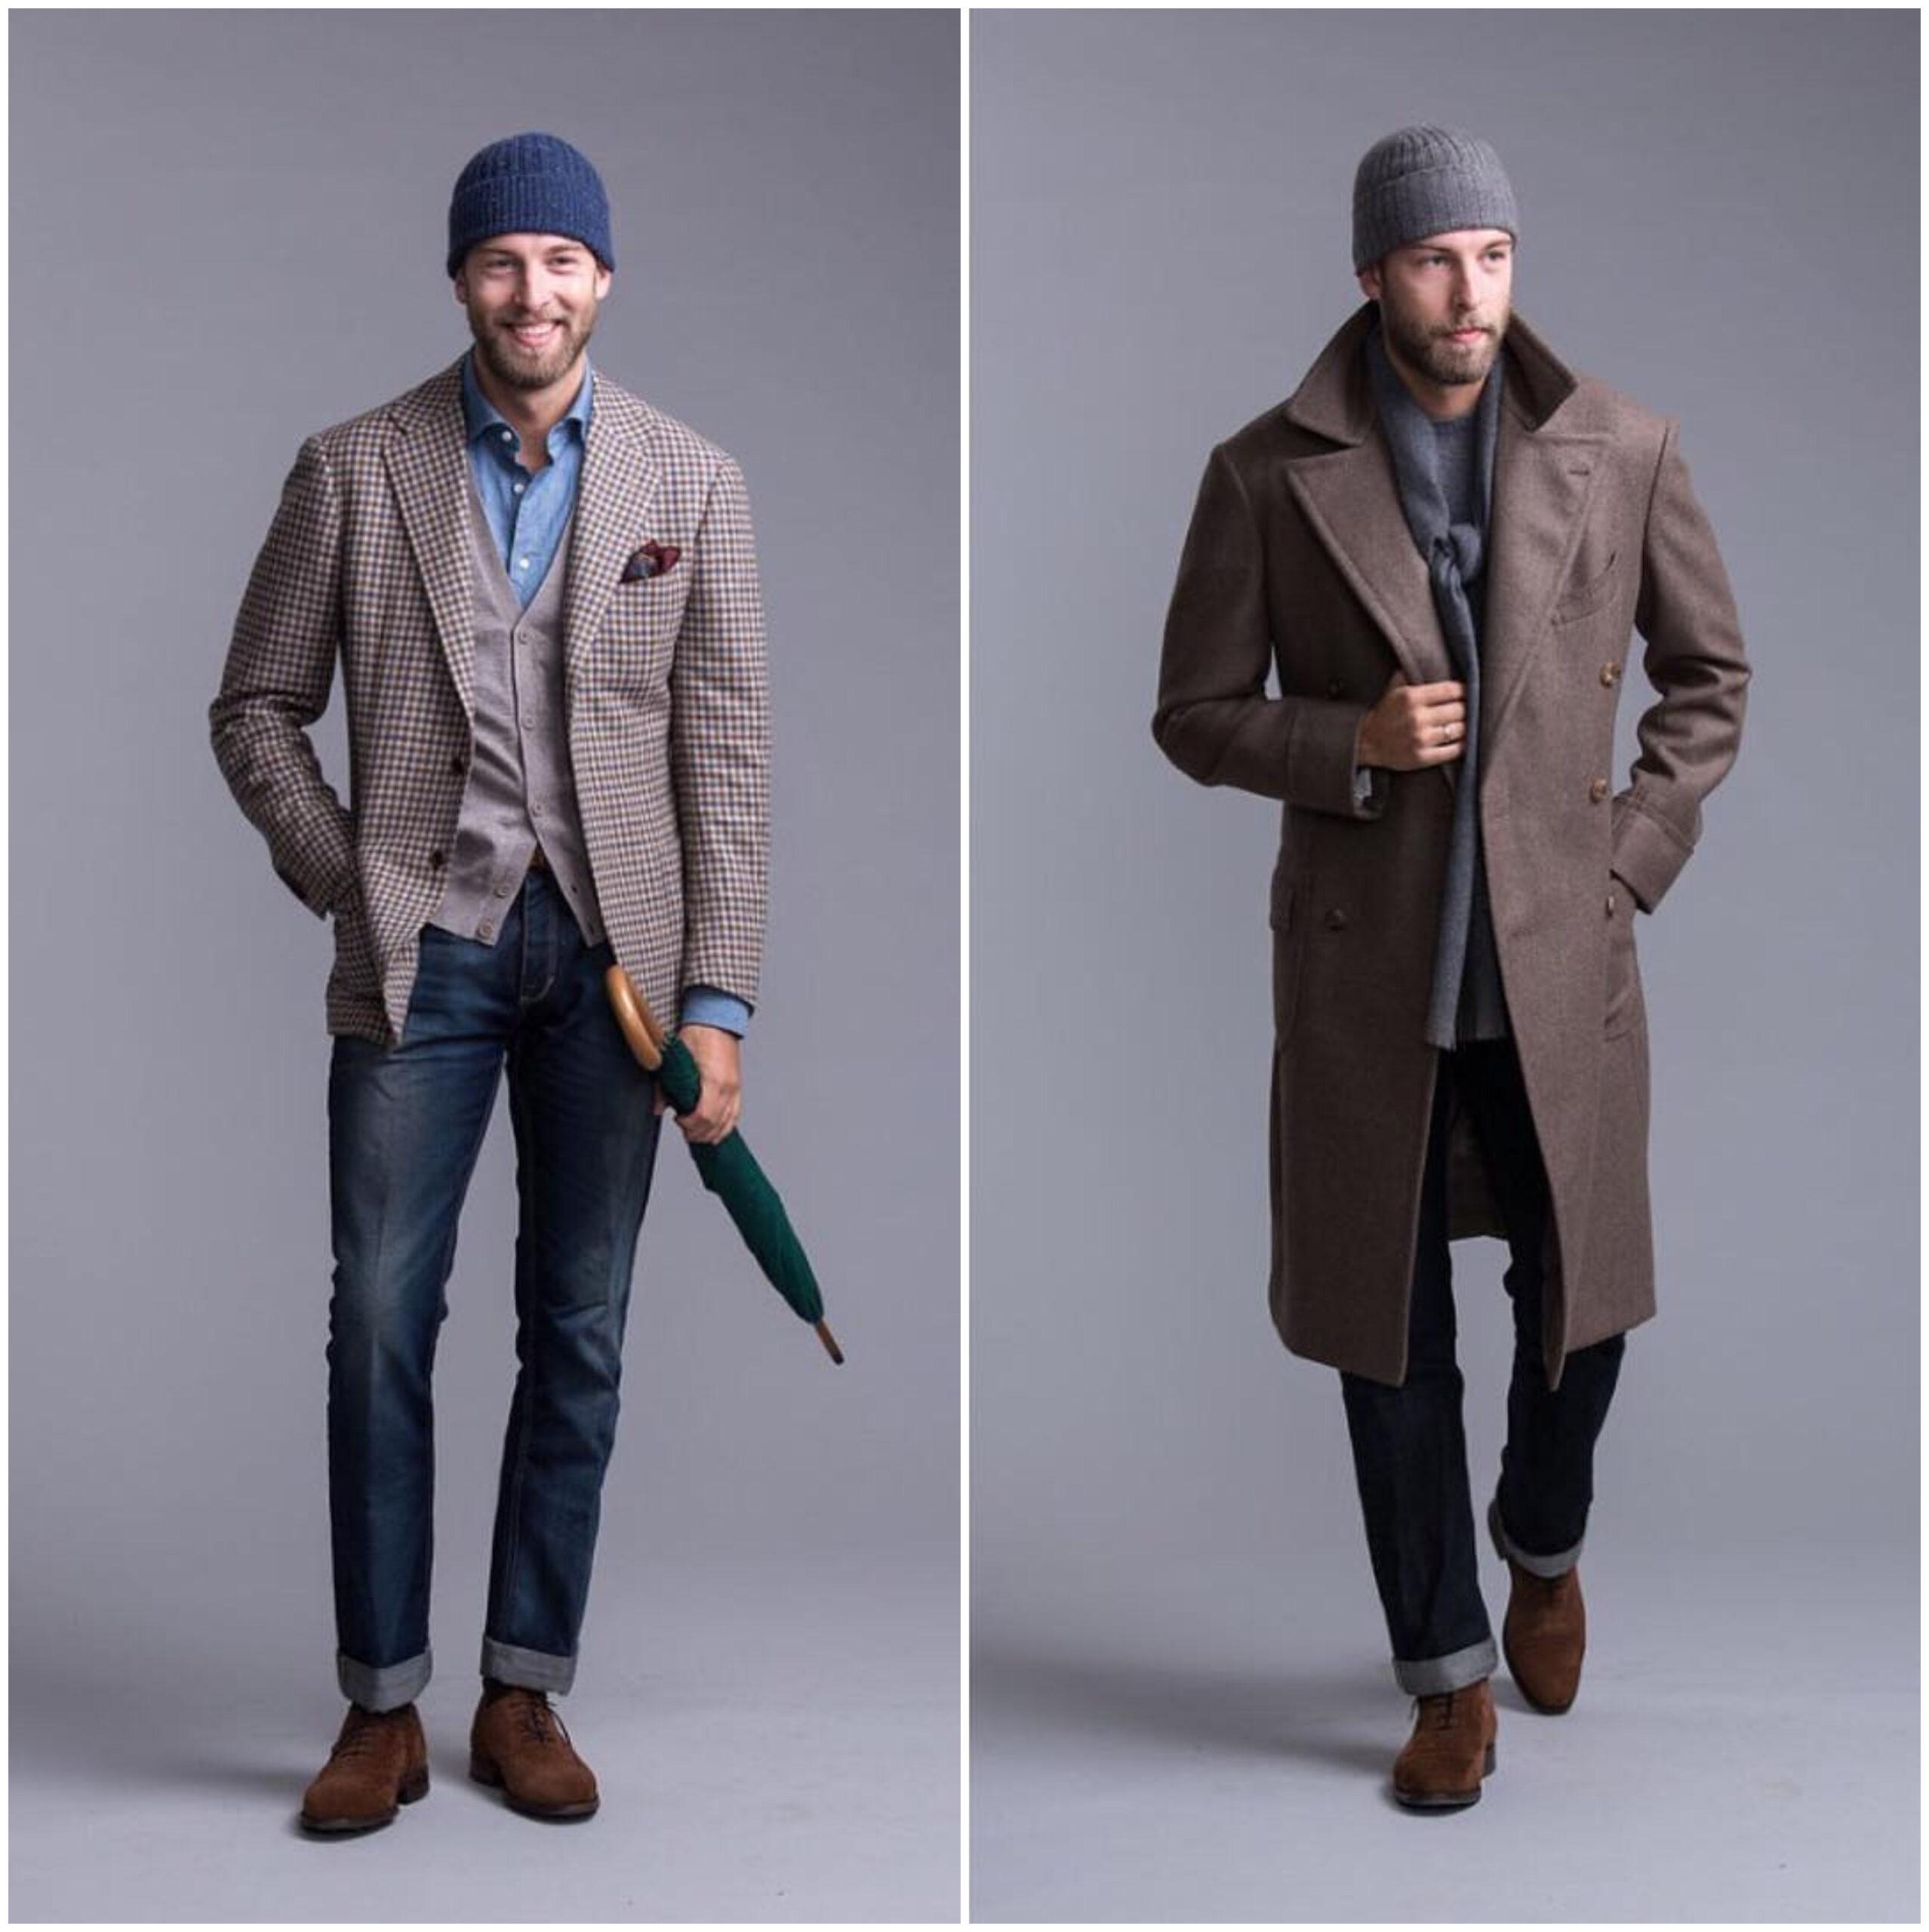 Le jeans permet de porter très facilement des hauts et chaussures plus formels. Source : Andreas Weinas